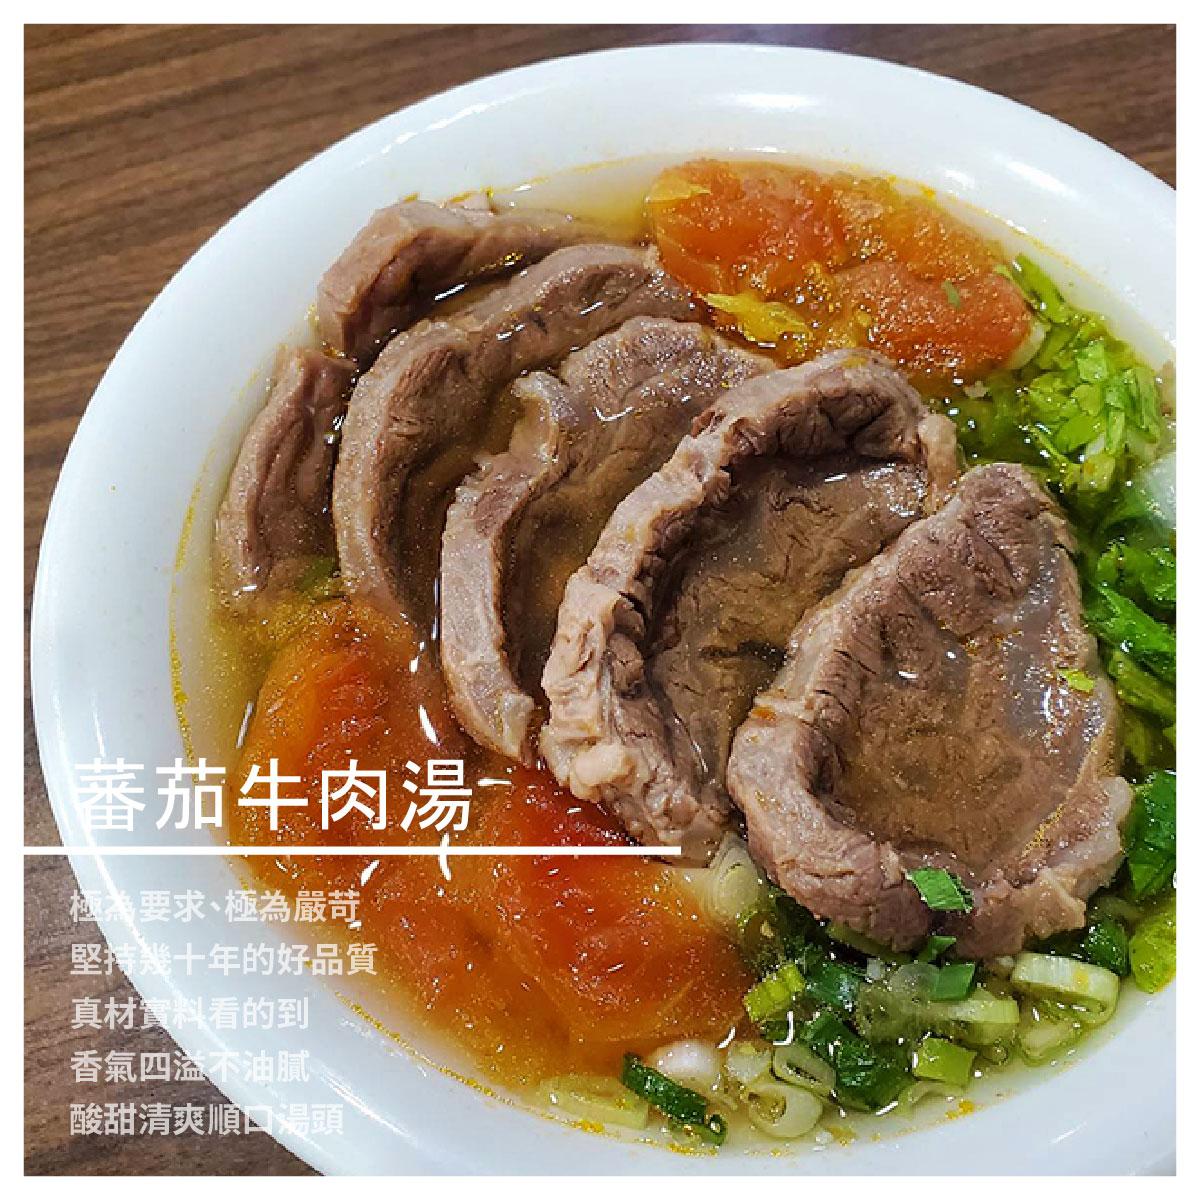 【一品山西刀削麵之家】蕃茄牛肉湯/包